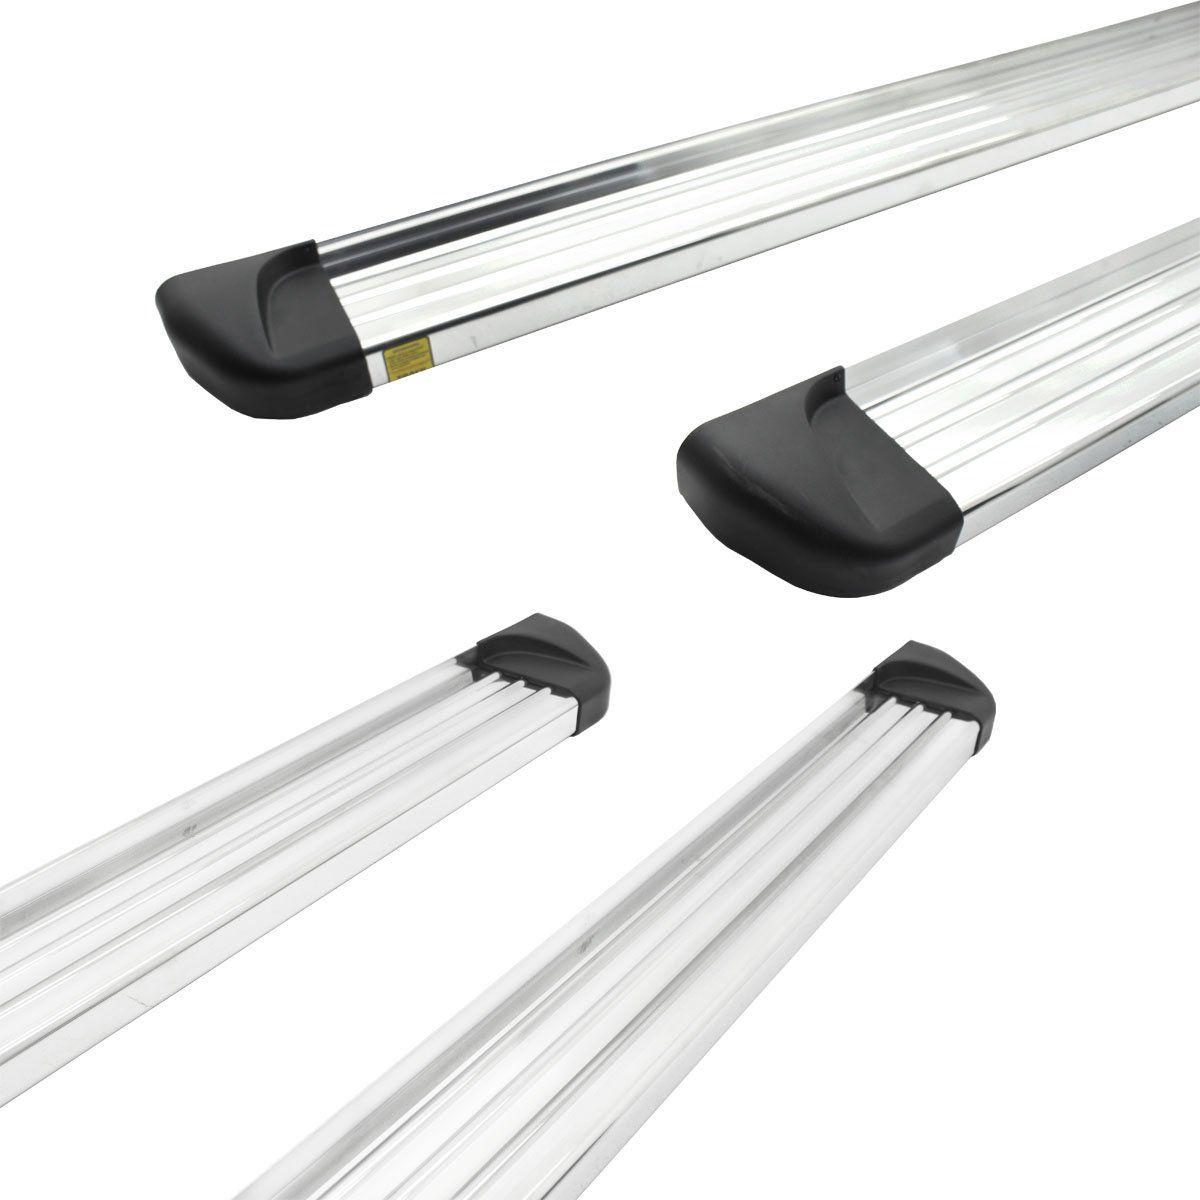 Estribo plataforma alumínio L200 Triton Sport 2017 a 2020 e L200 Triton Outdoor 2021